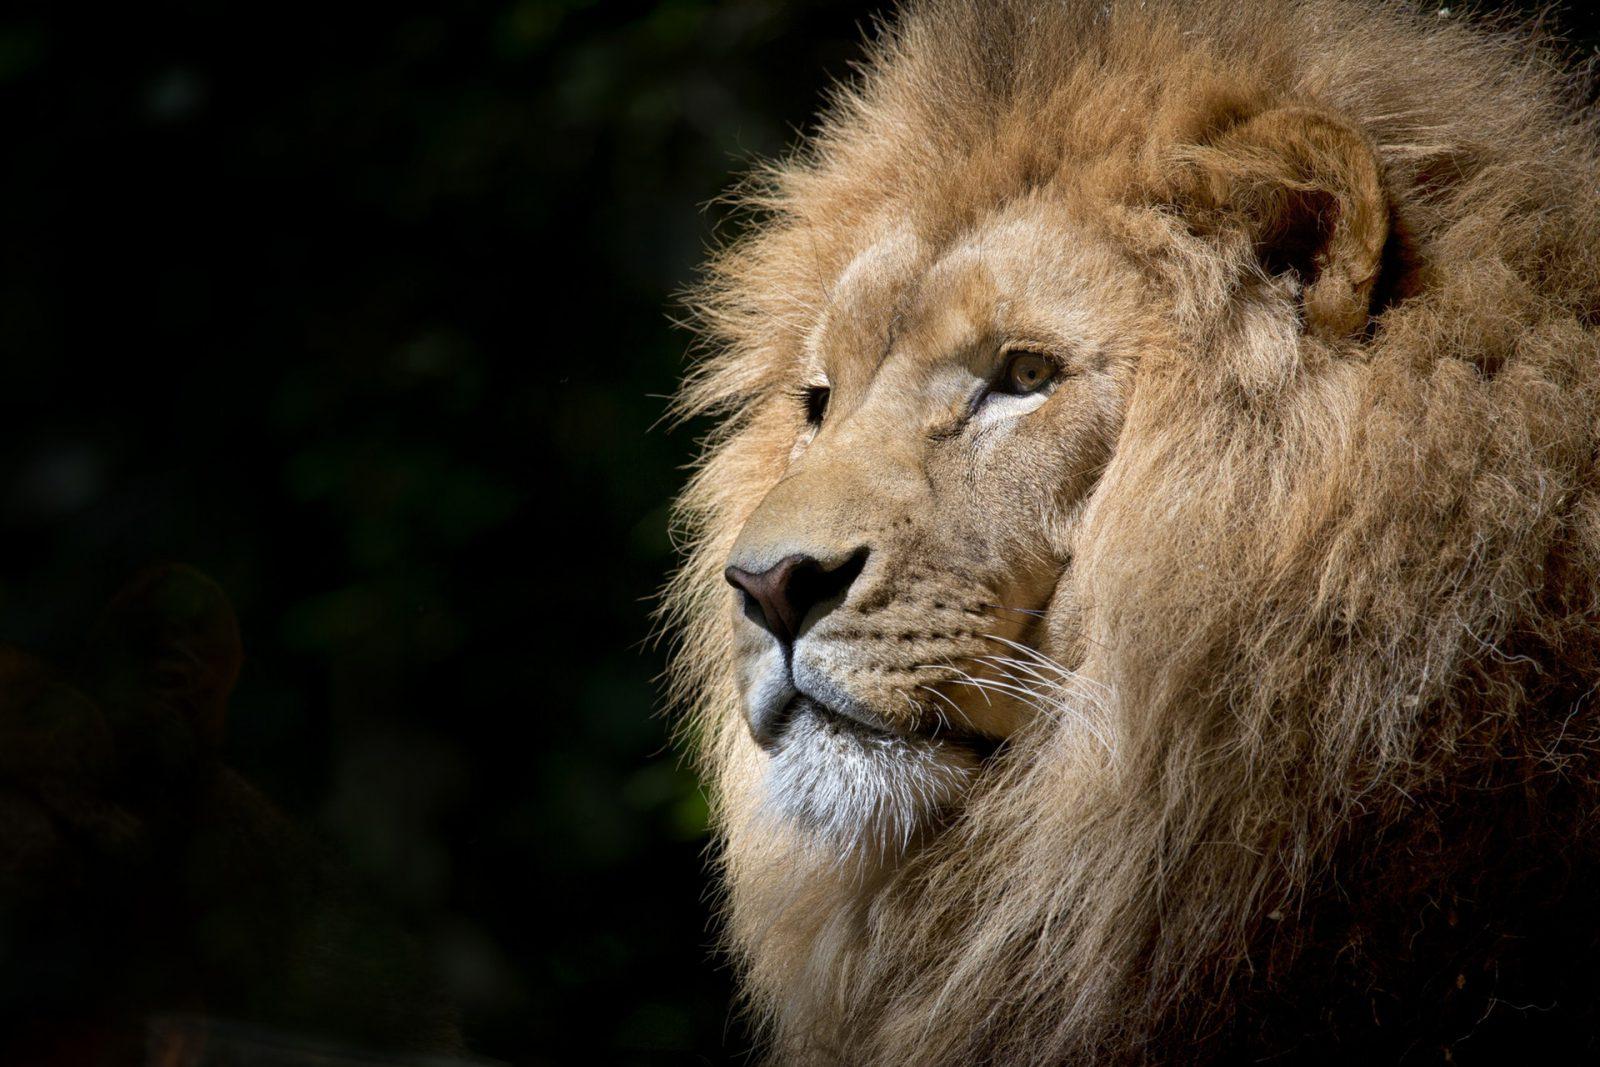 São muitas as características interessantes sobre o leão.